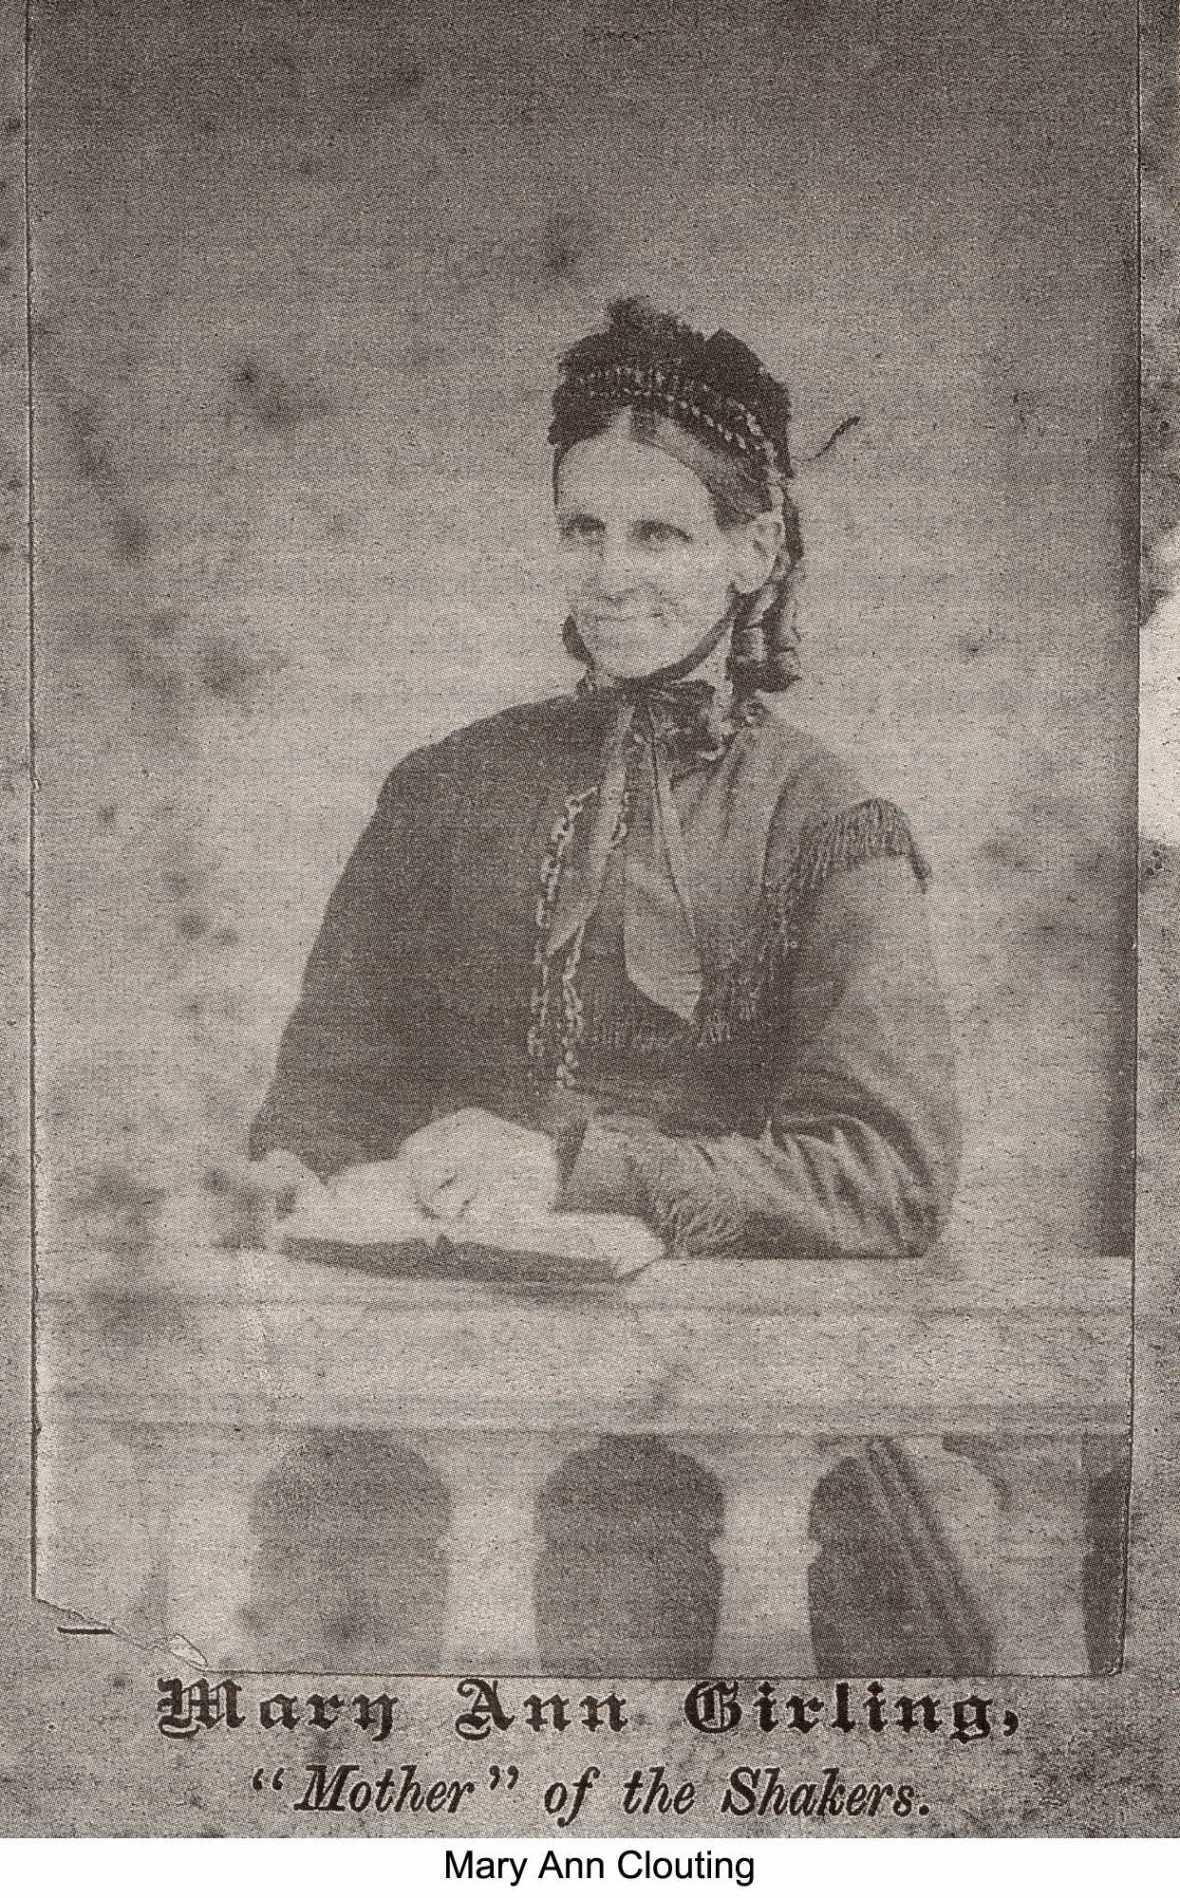 Mary Ann Girling